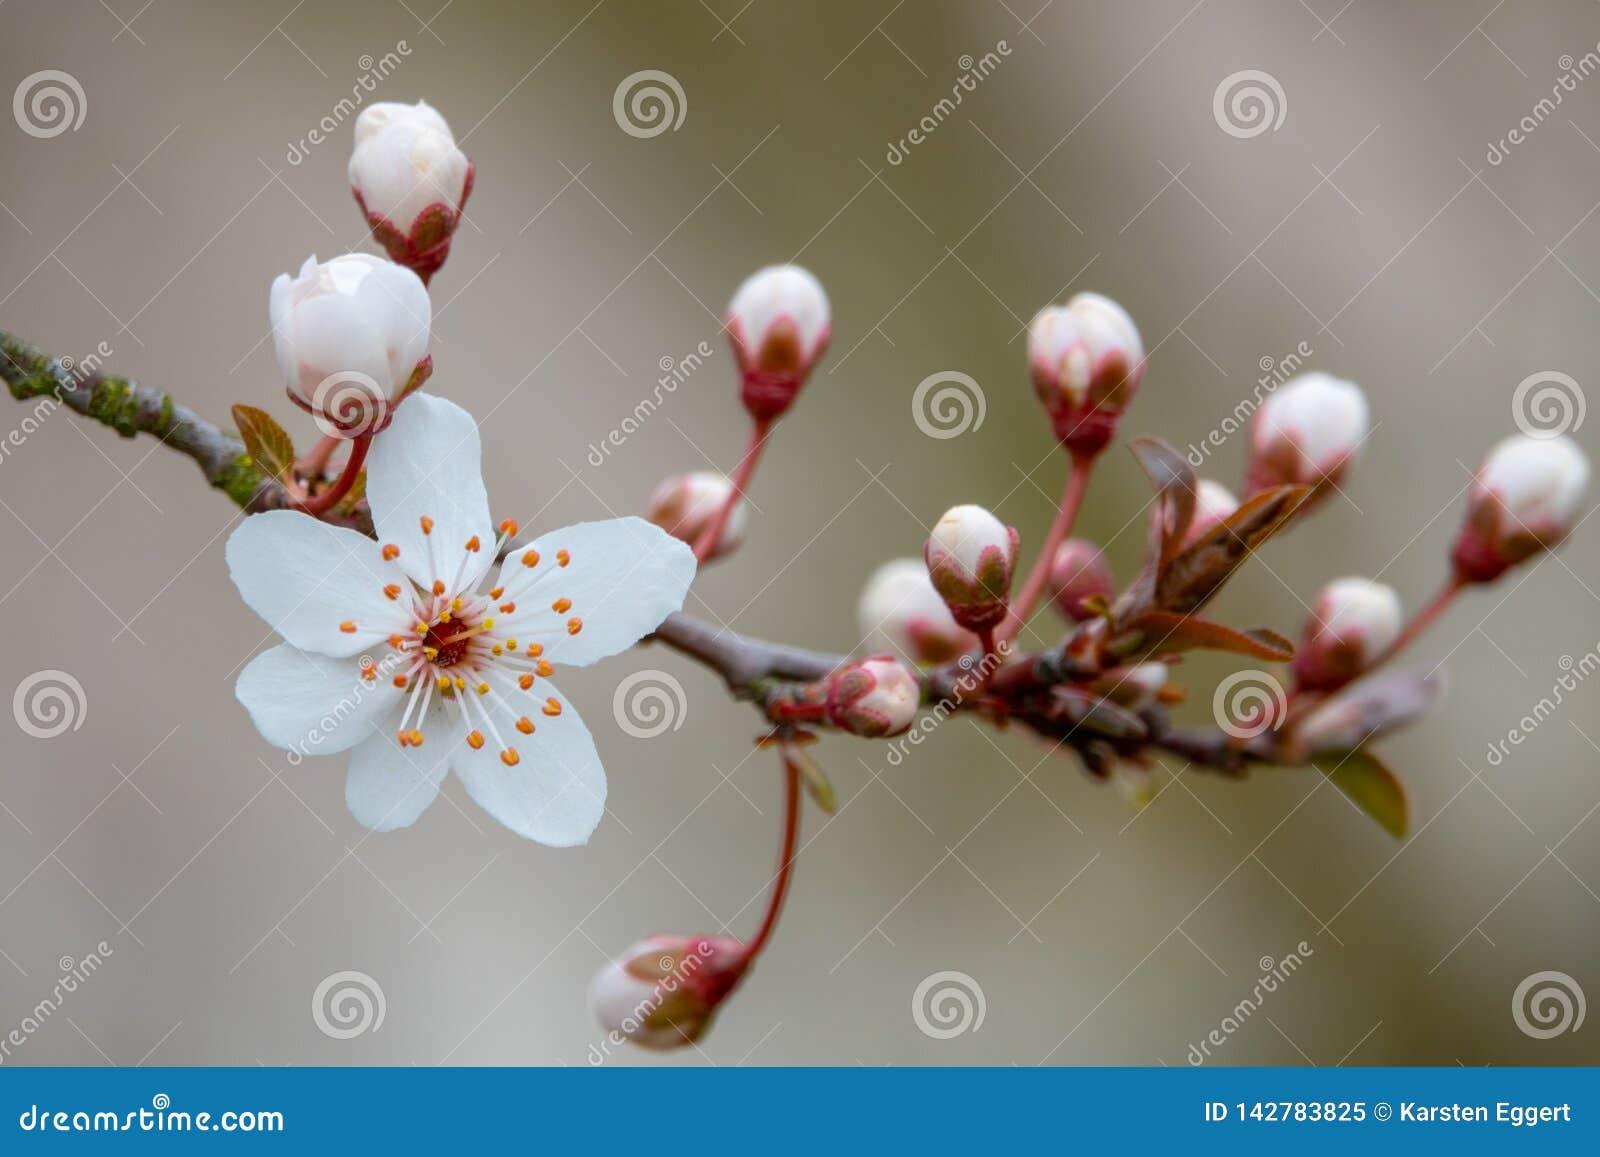 Un flor blanco en primavera